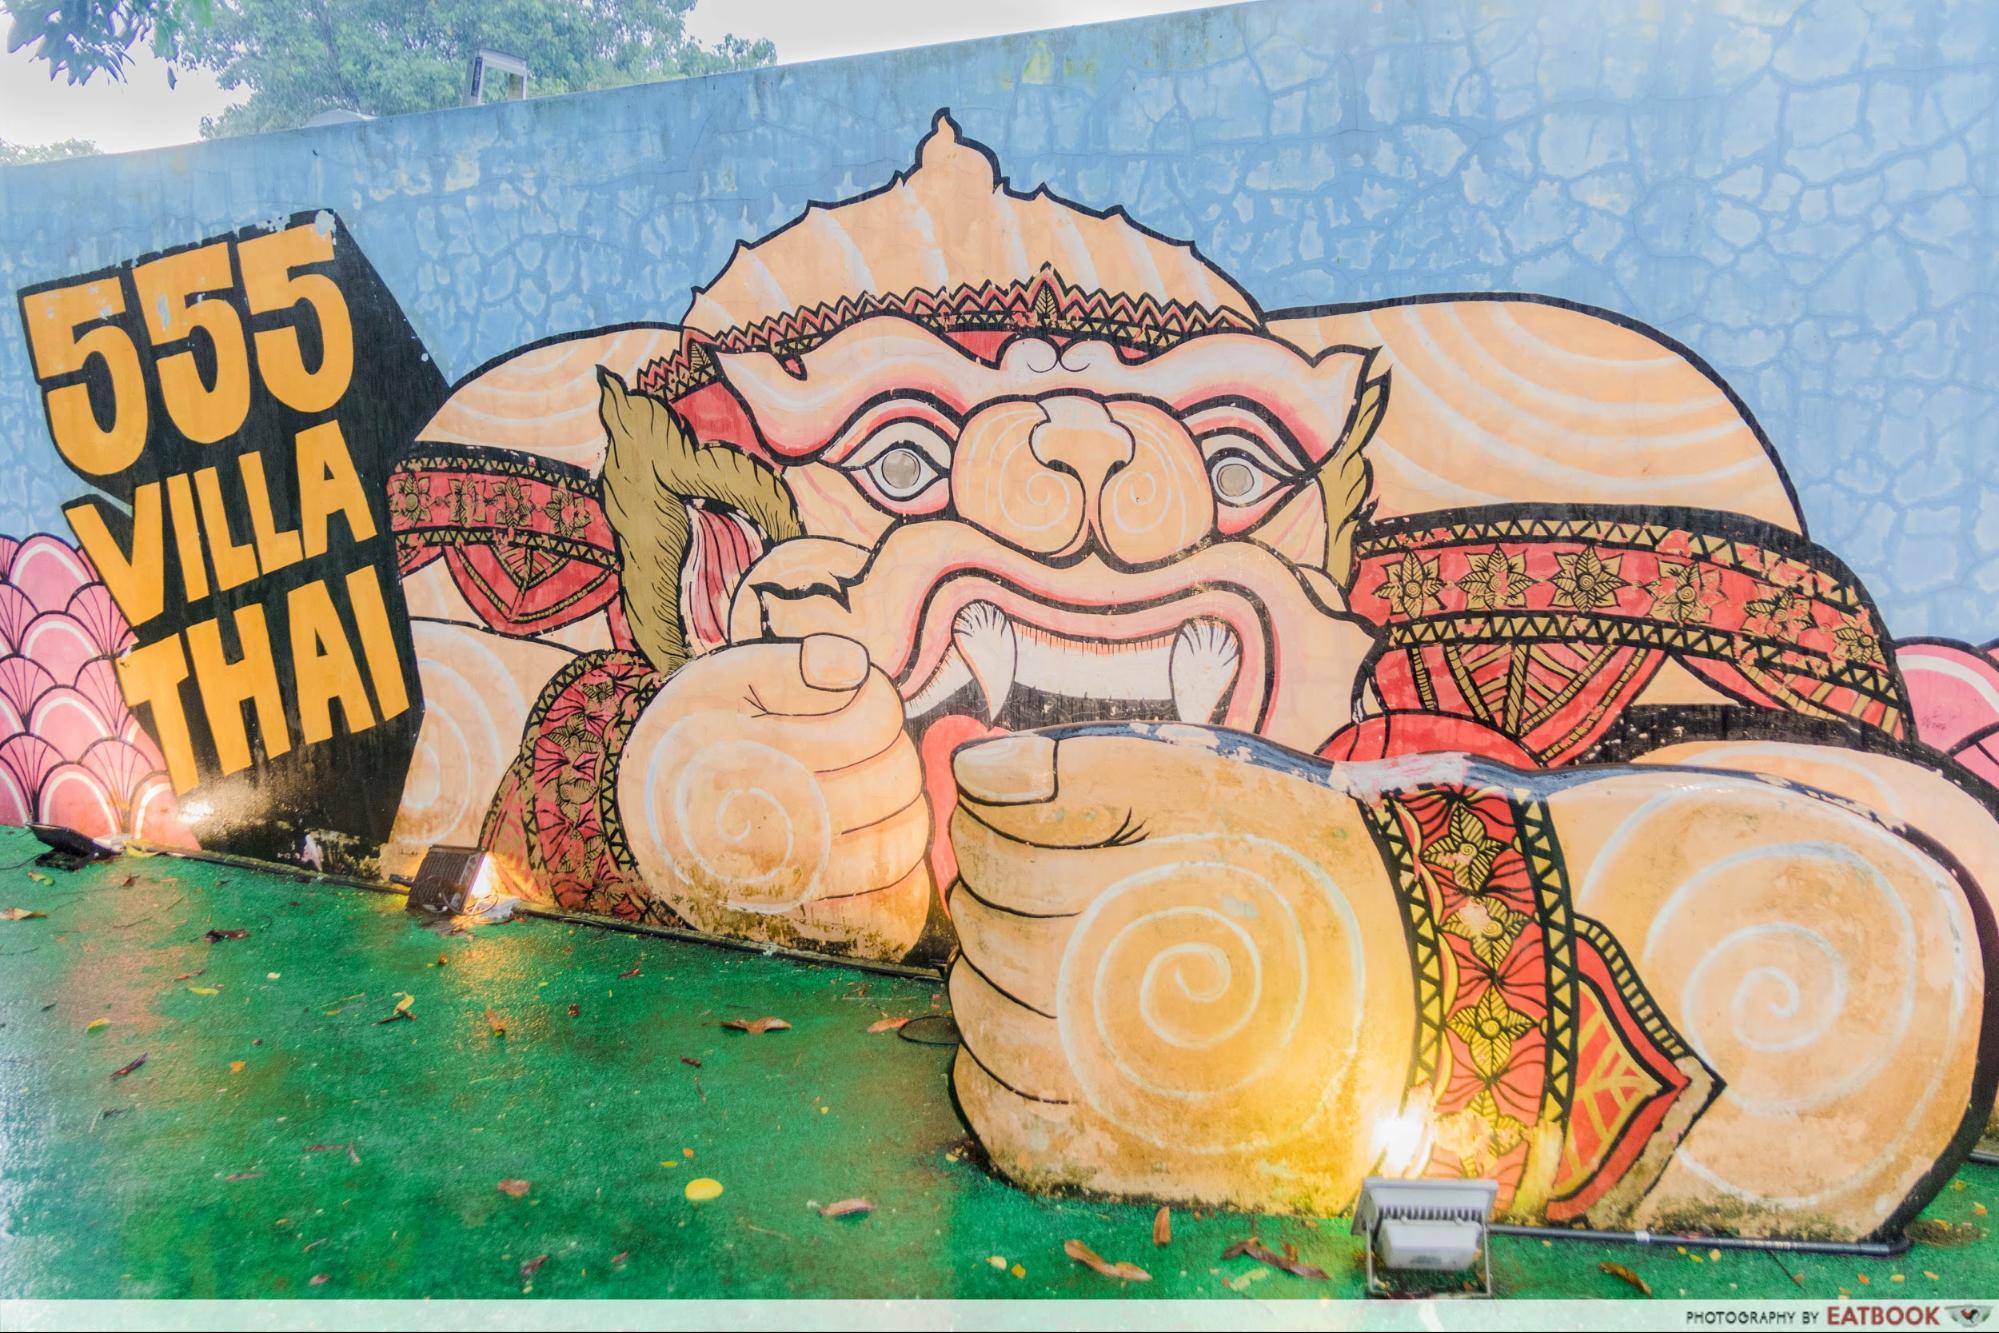 555 Villa Thai - mural